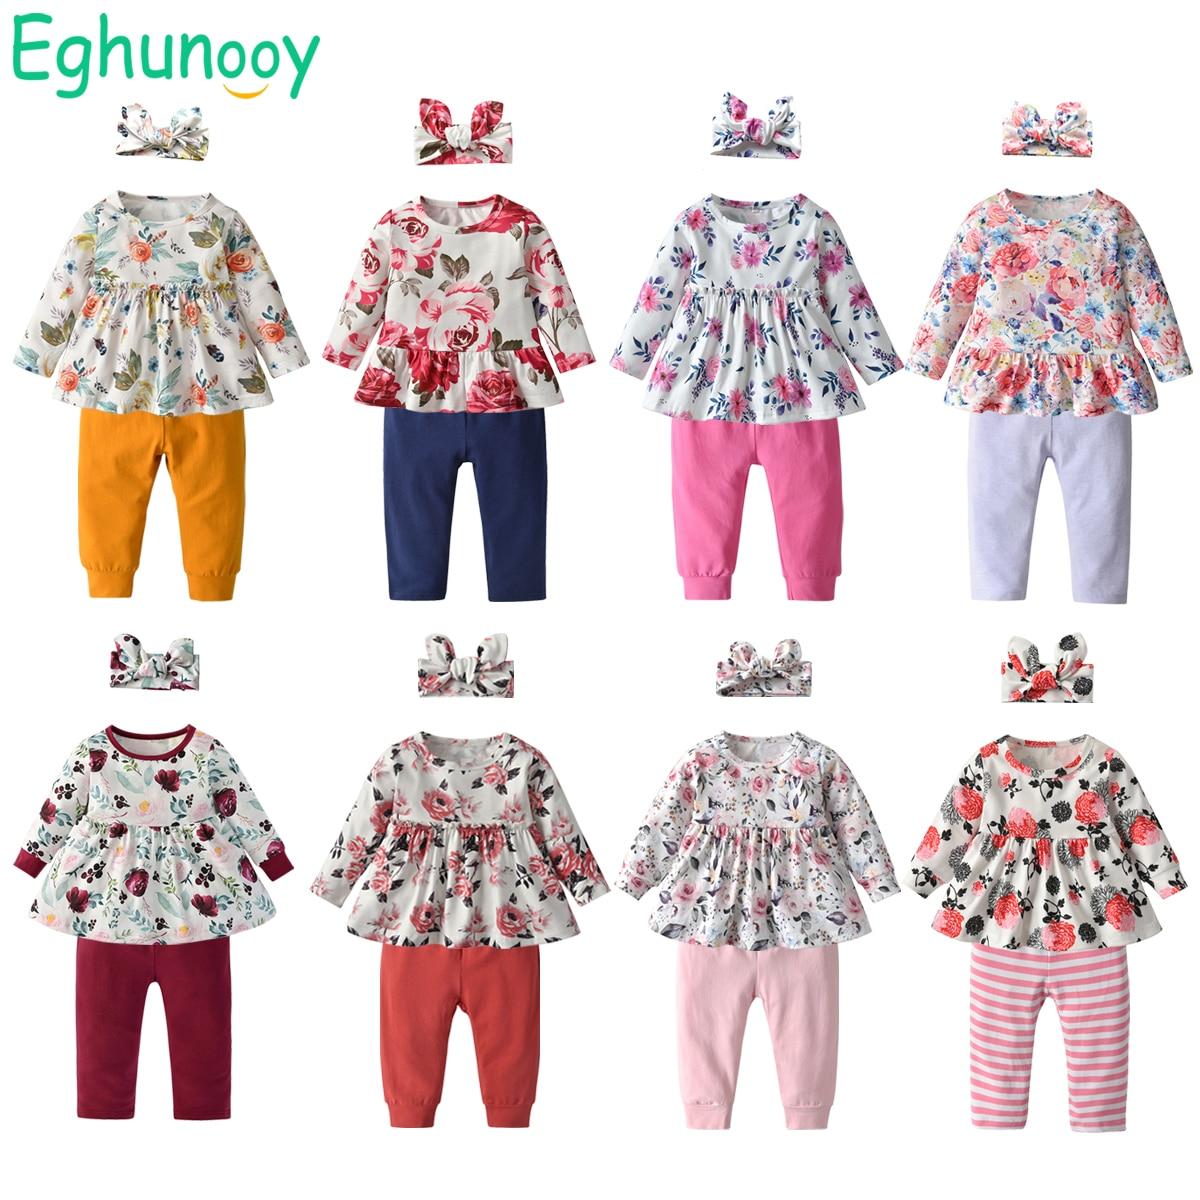 Infantil da criança do bebê da menina roupas conjunto bonito casual floral topos e calças bandana primavera outono roupas recém-nascidos